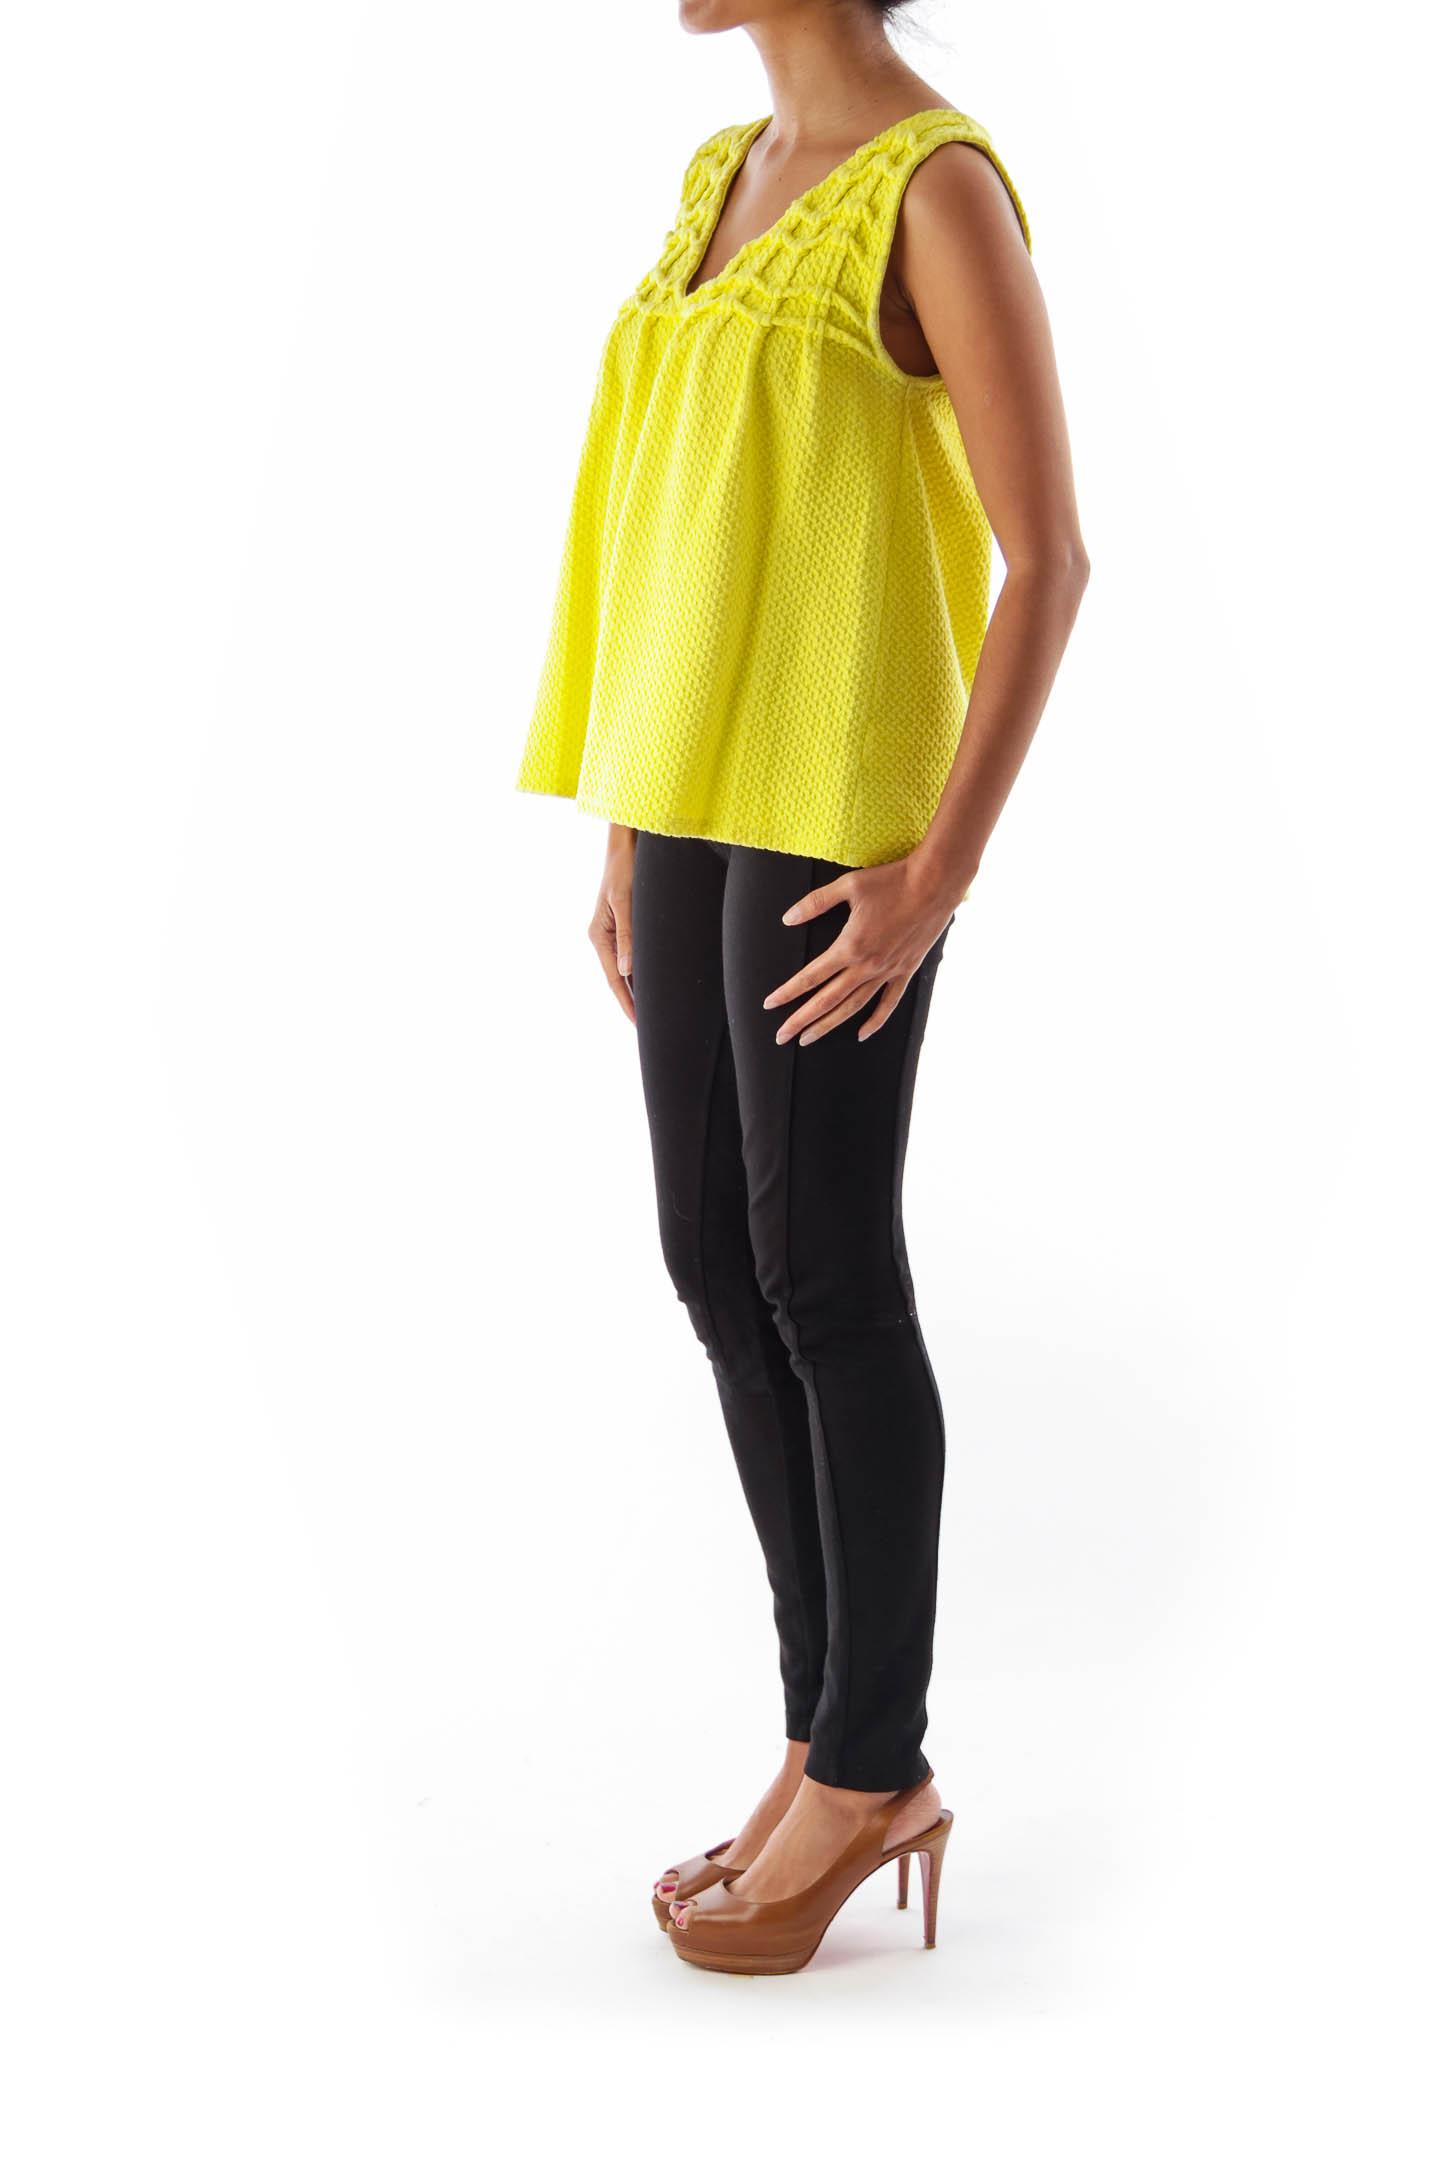 Green Textured Sleeveless Shirt